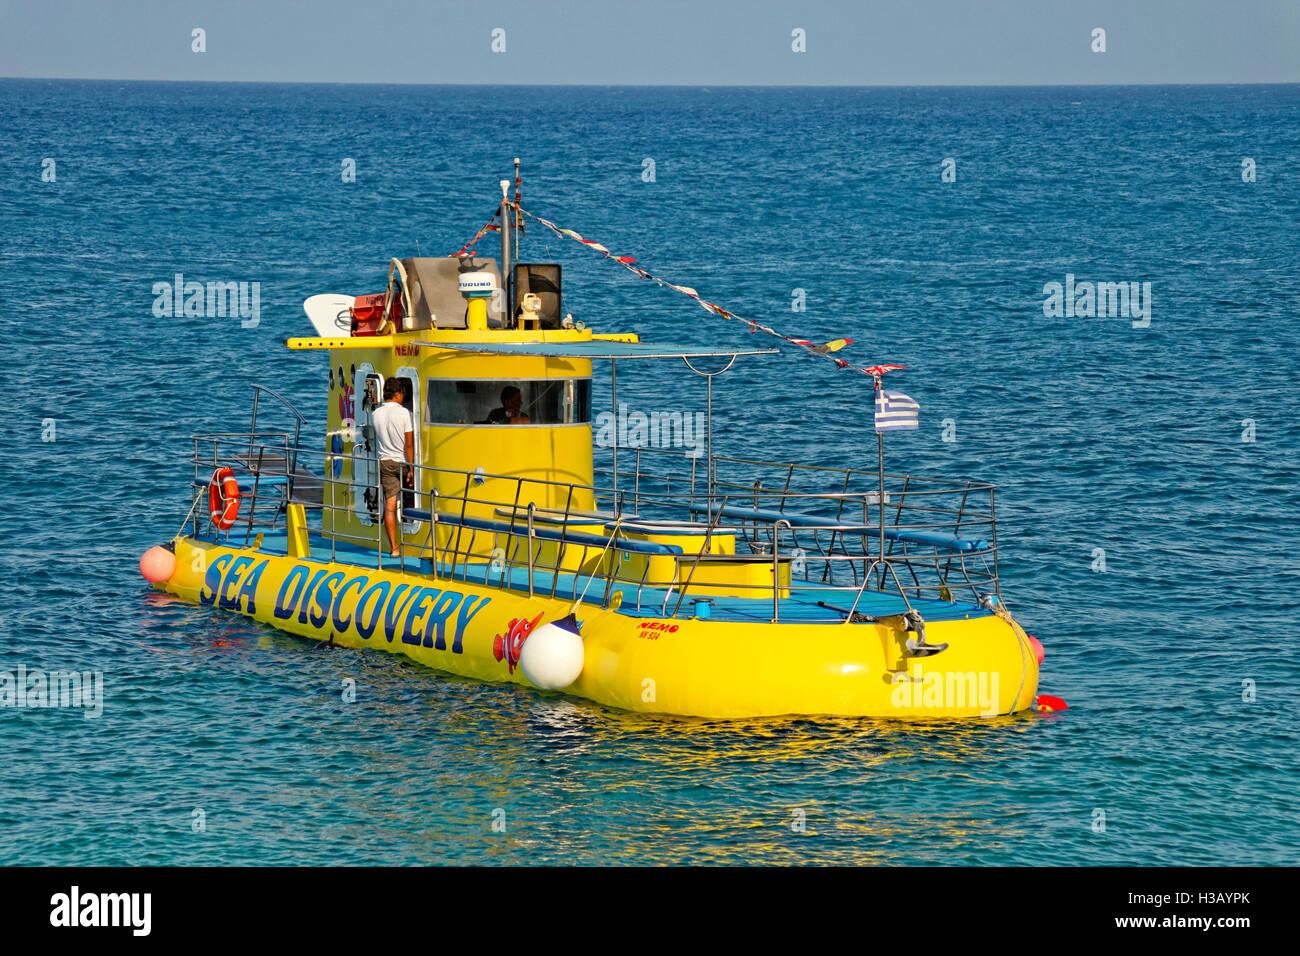 El turismo submarino y barcos con fondo de vidrio en Rhodes,ciudad, Isla de Rodas, Grecia. Imagen De Stock